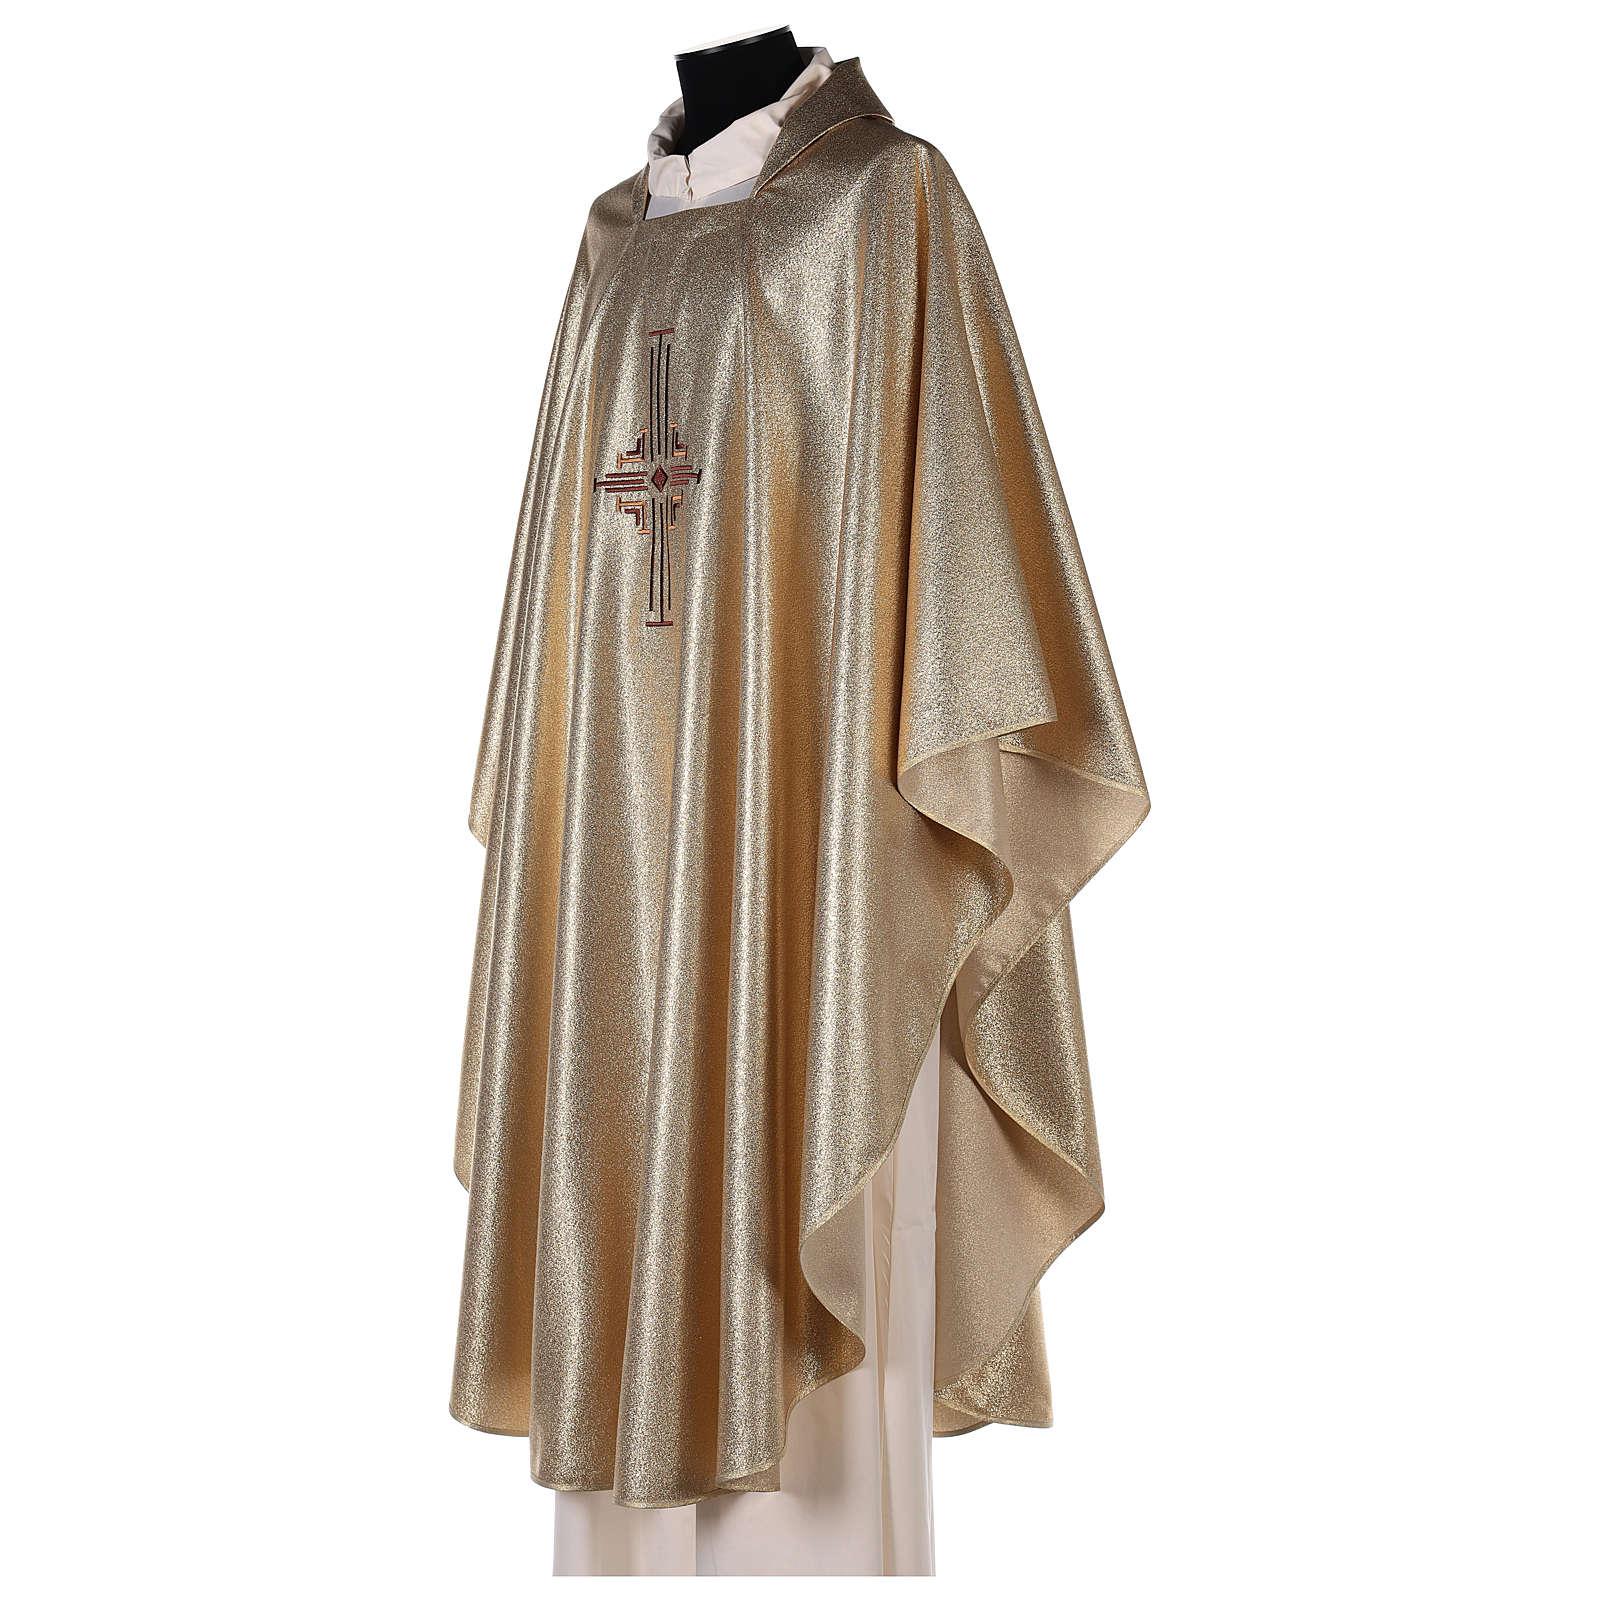 Casula in poliestere oro con ricamo di croce a macchina su mantello 4